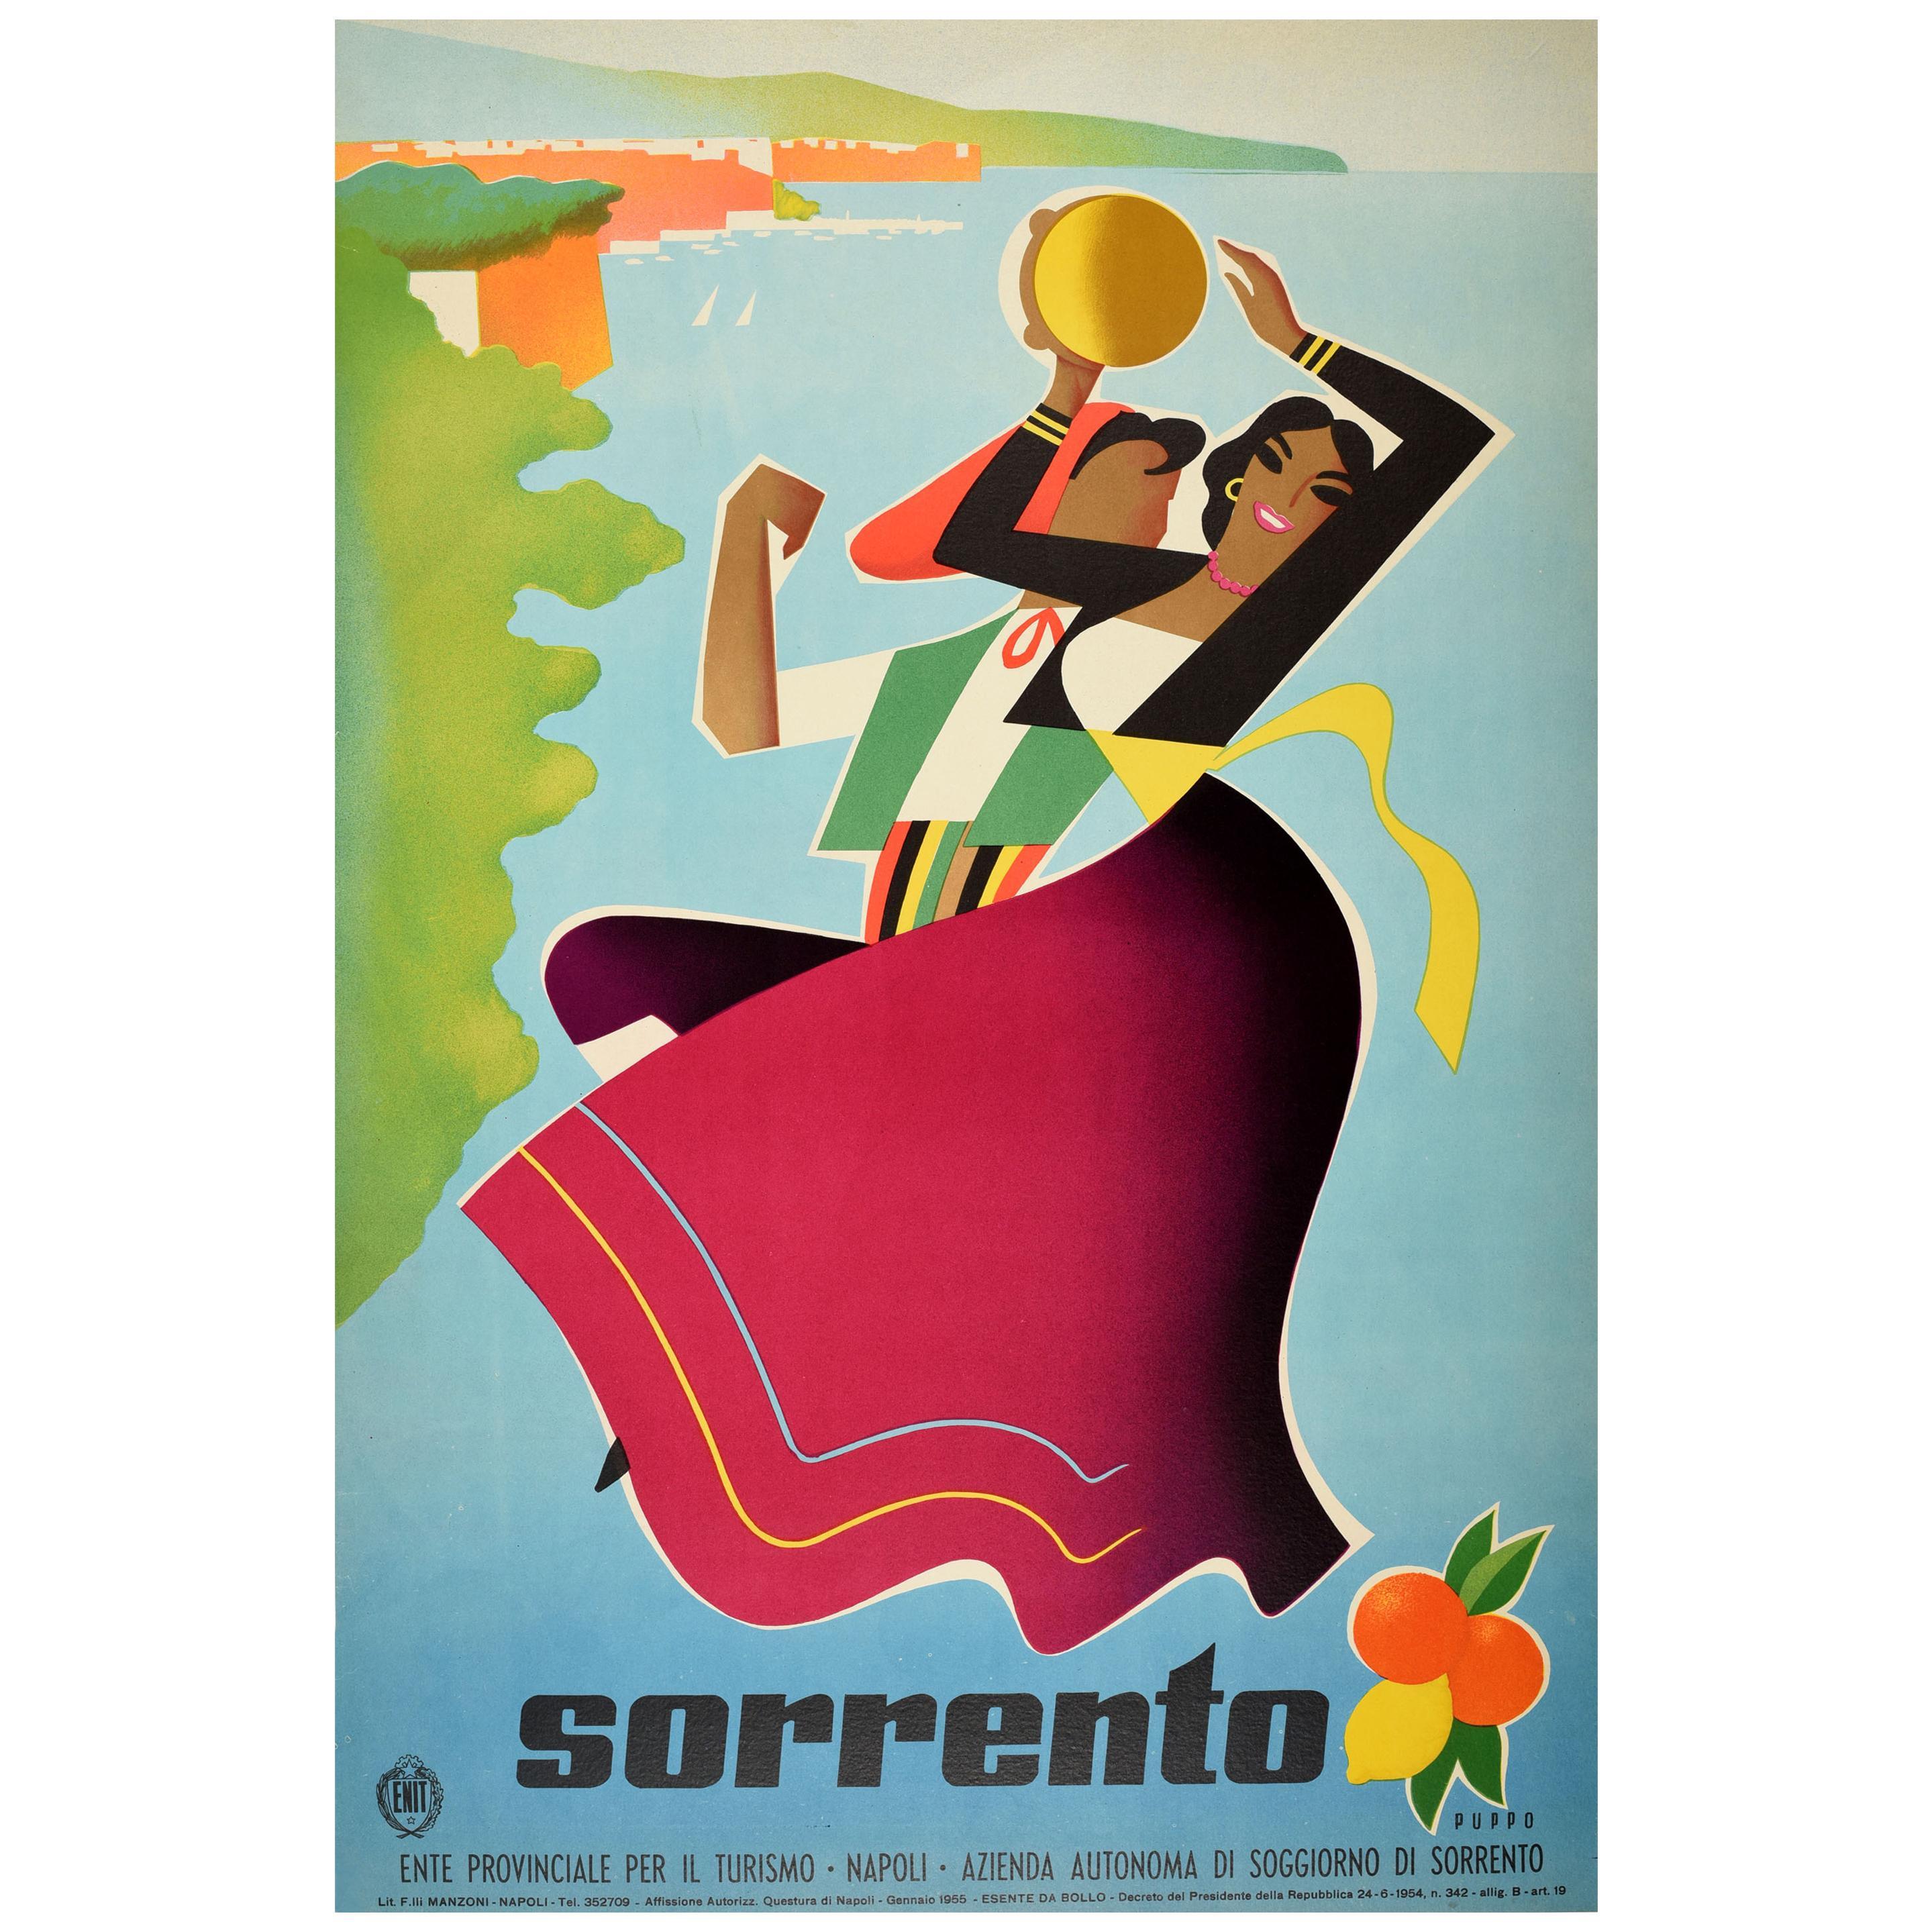 Original Vintage ENIT Travel Poster Sorrento Napoli Naples Mediterranean Italy